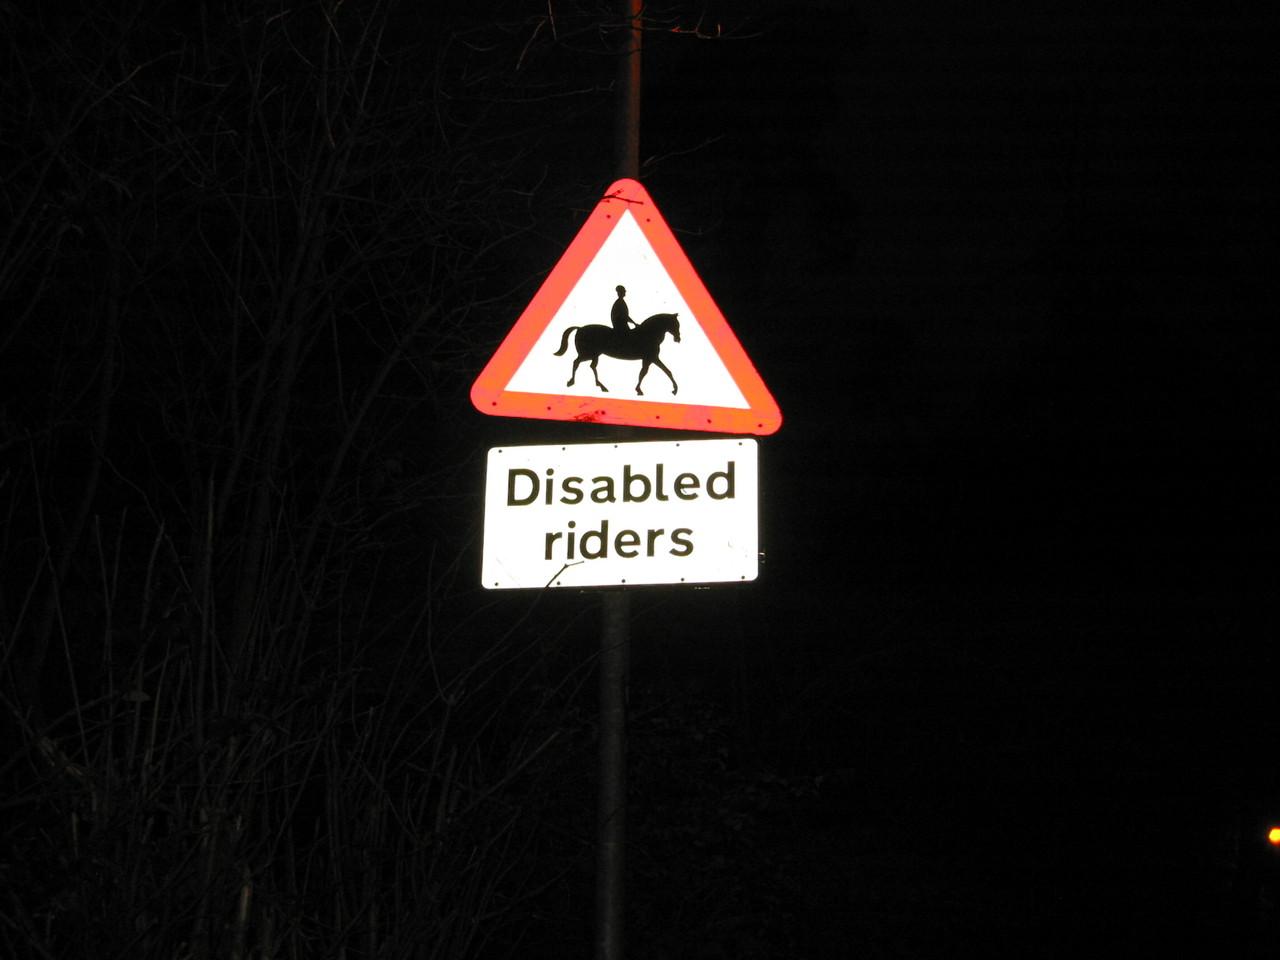 Achtung: Behinderte Reiter